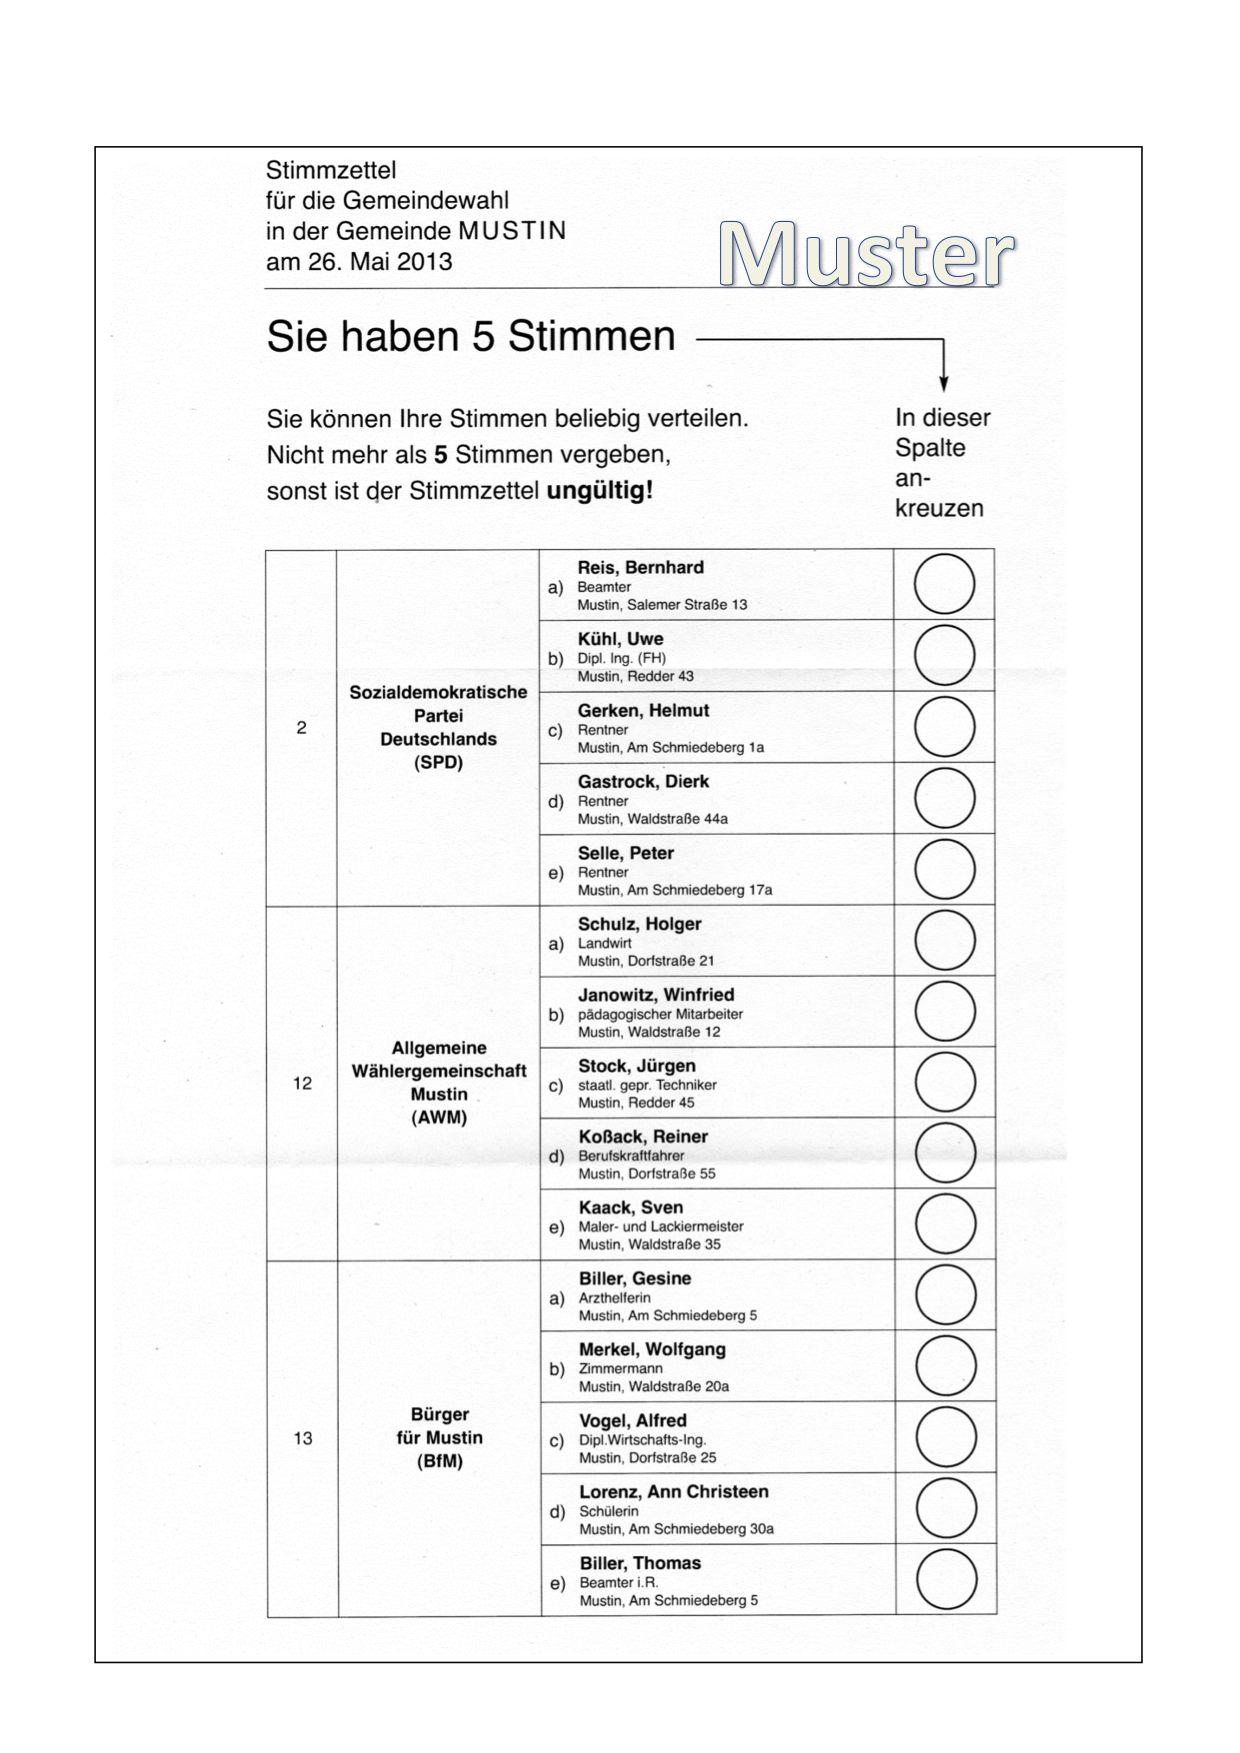 Stimmzettel 2013 Mustin - Muster